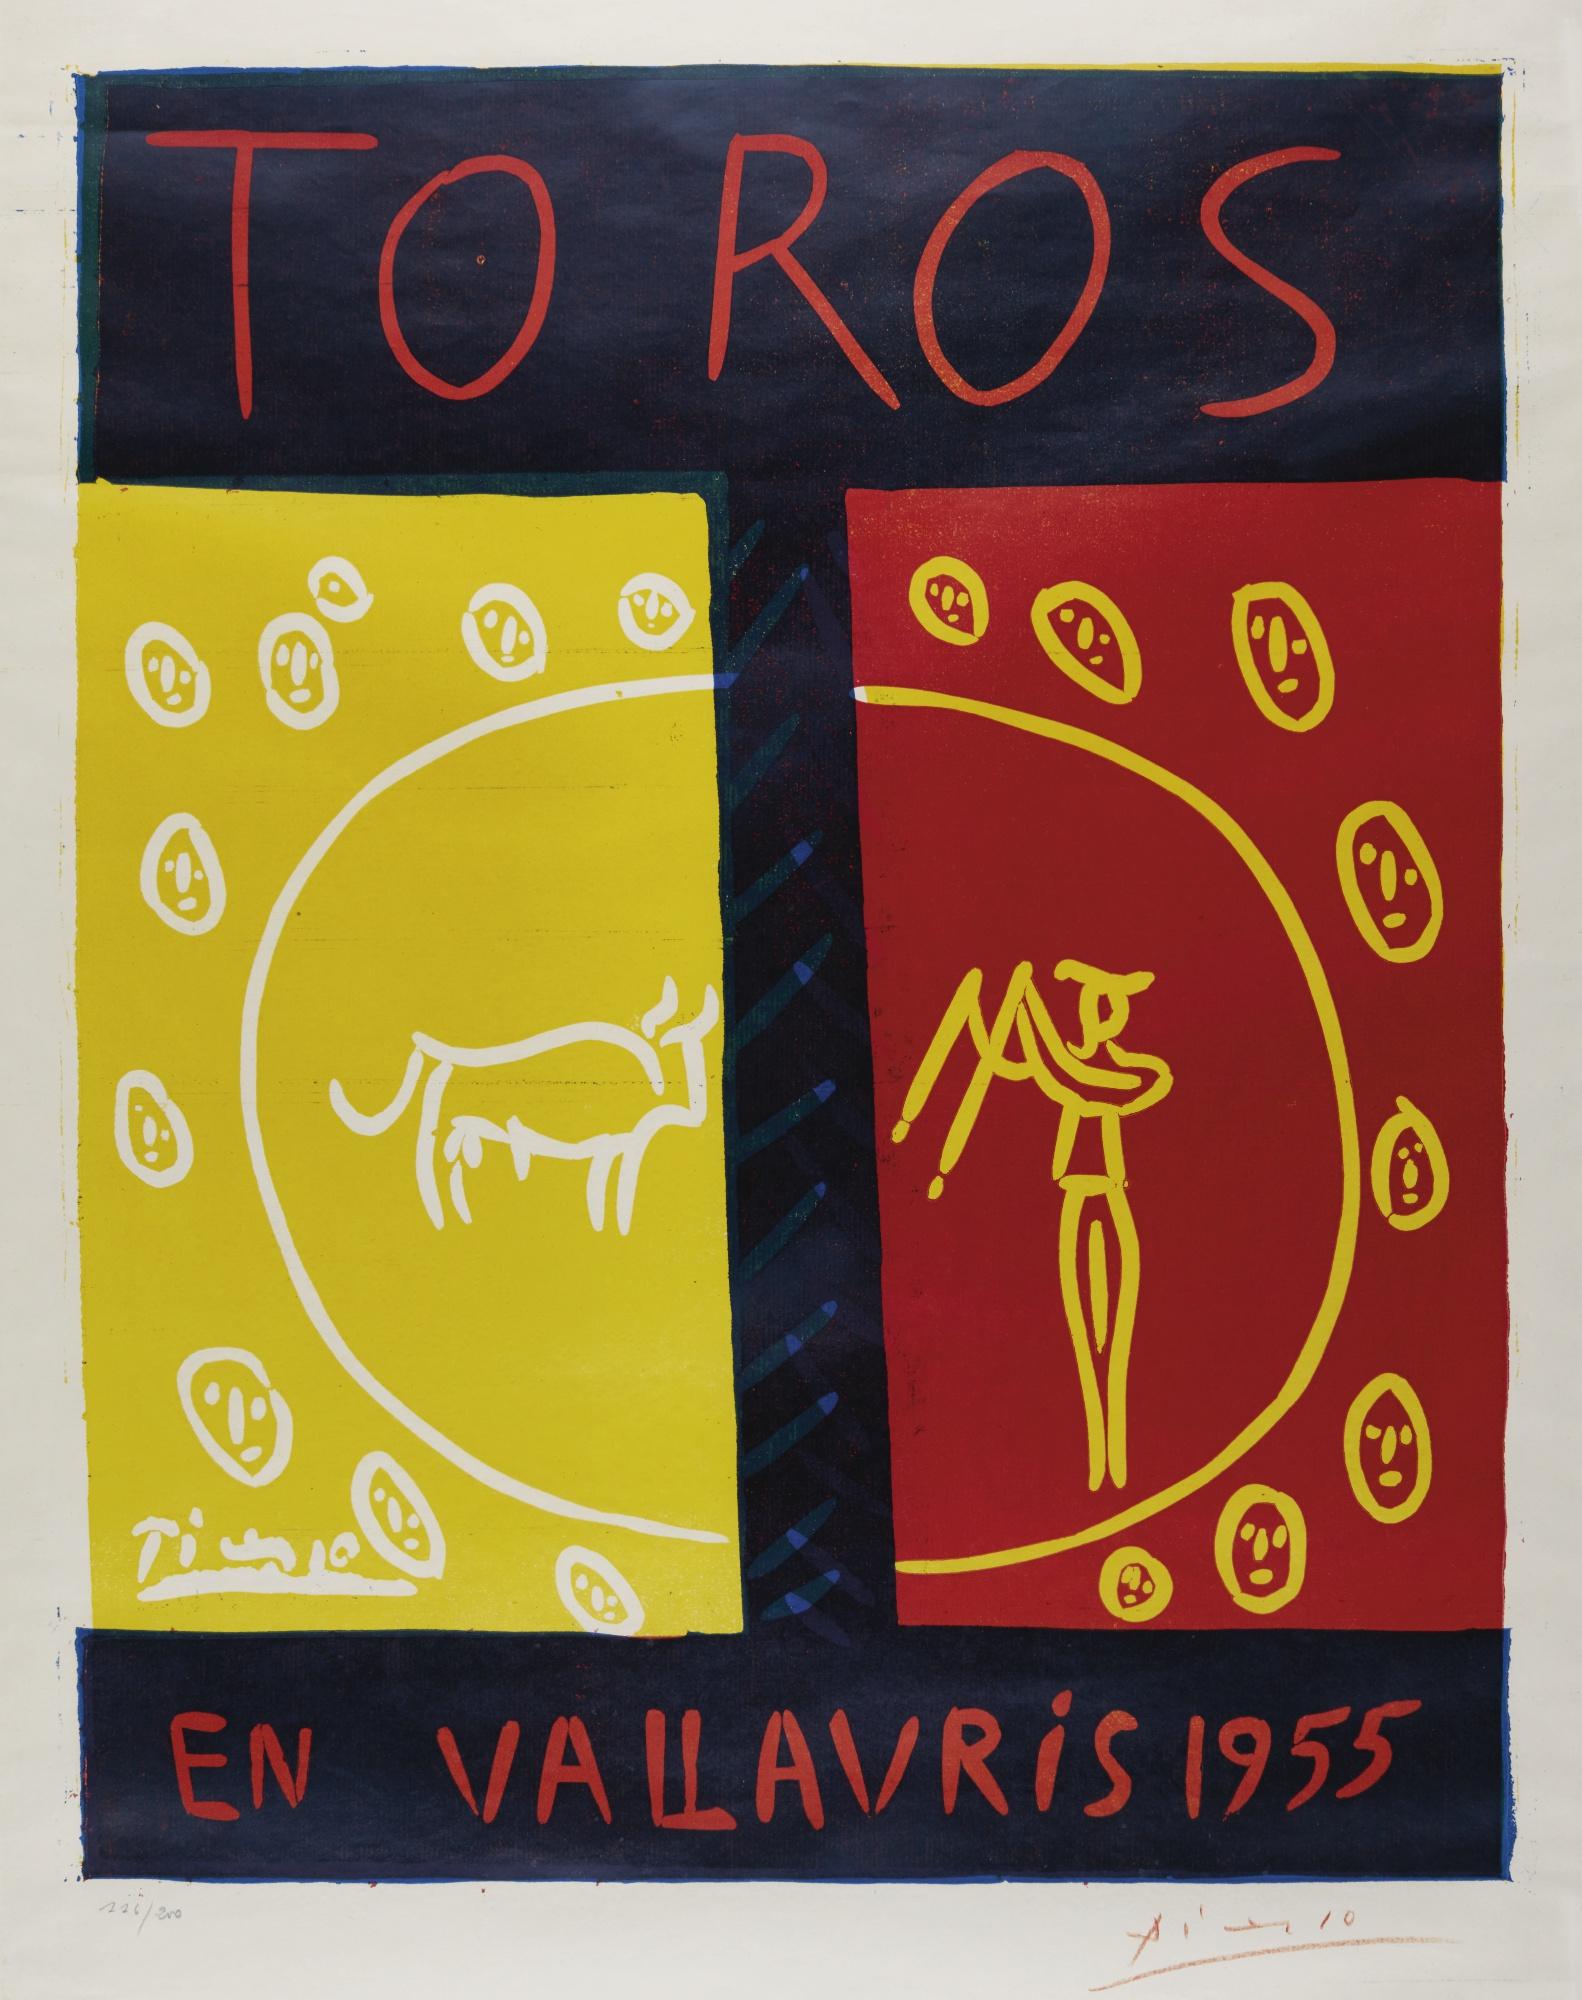 Pablo Picasso-Toros En Vallauris 1955 (B. 1265; Ba. 1029; Cz. 14)-1955